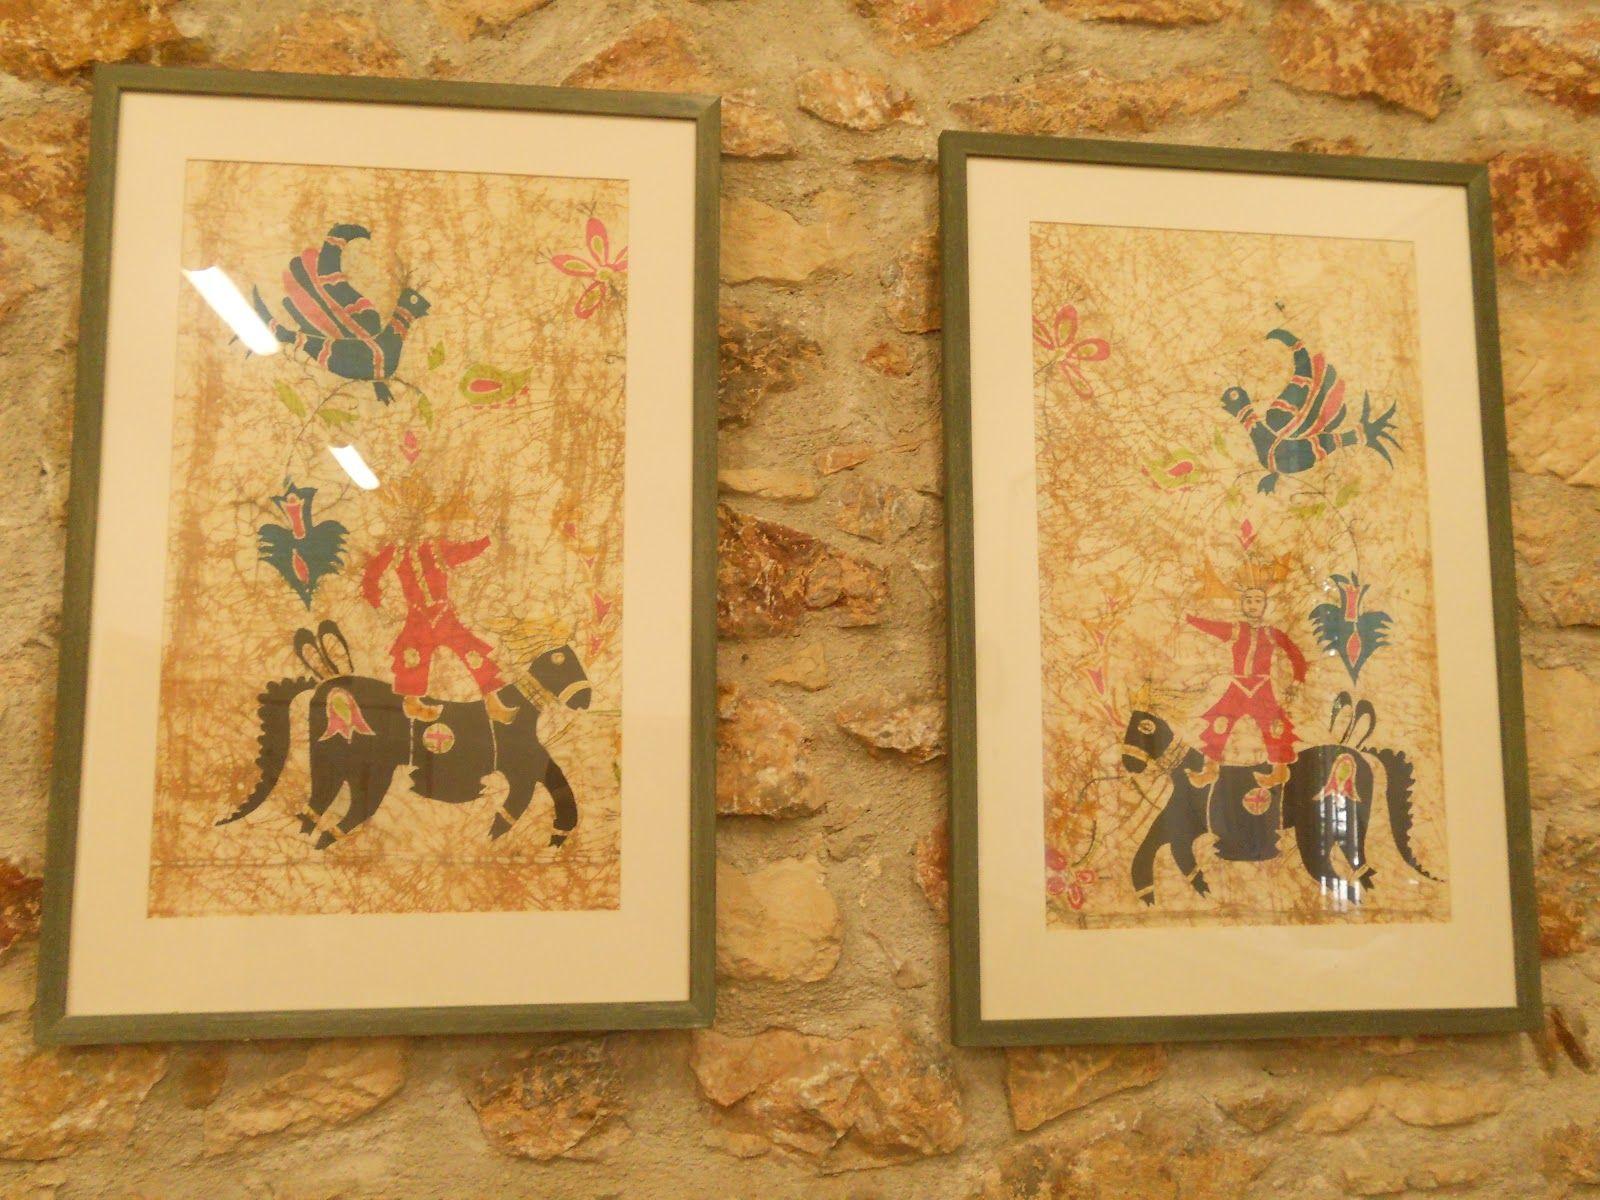 μπατίκ με λαϊκές παραδοσιακές παραστάσεις | Ζωγραφική στo Μετάξι ...